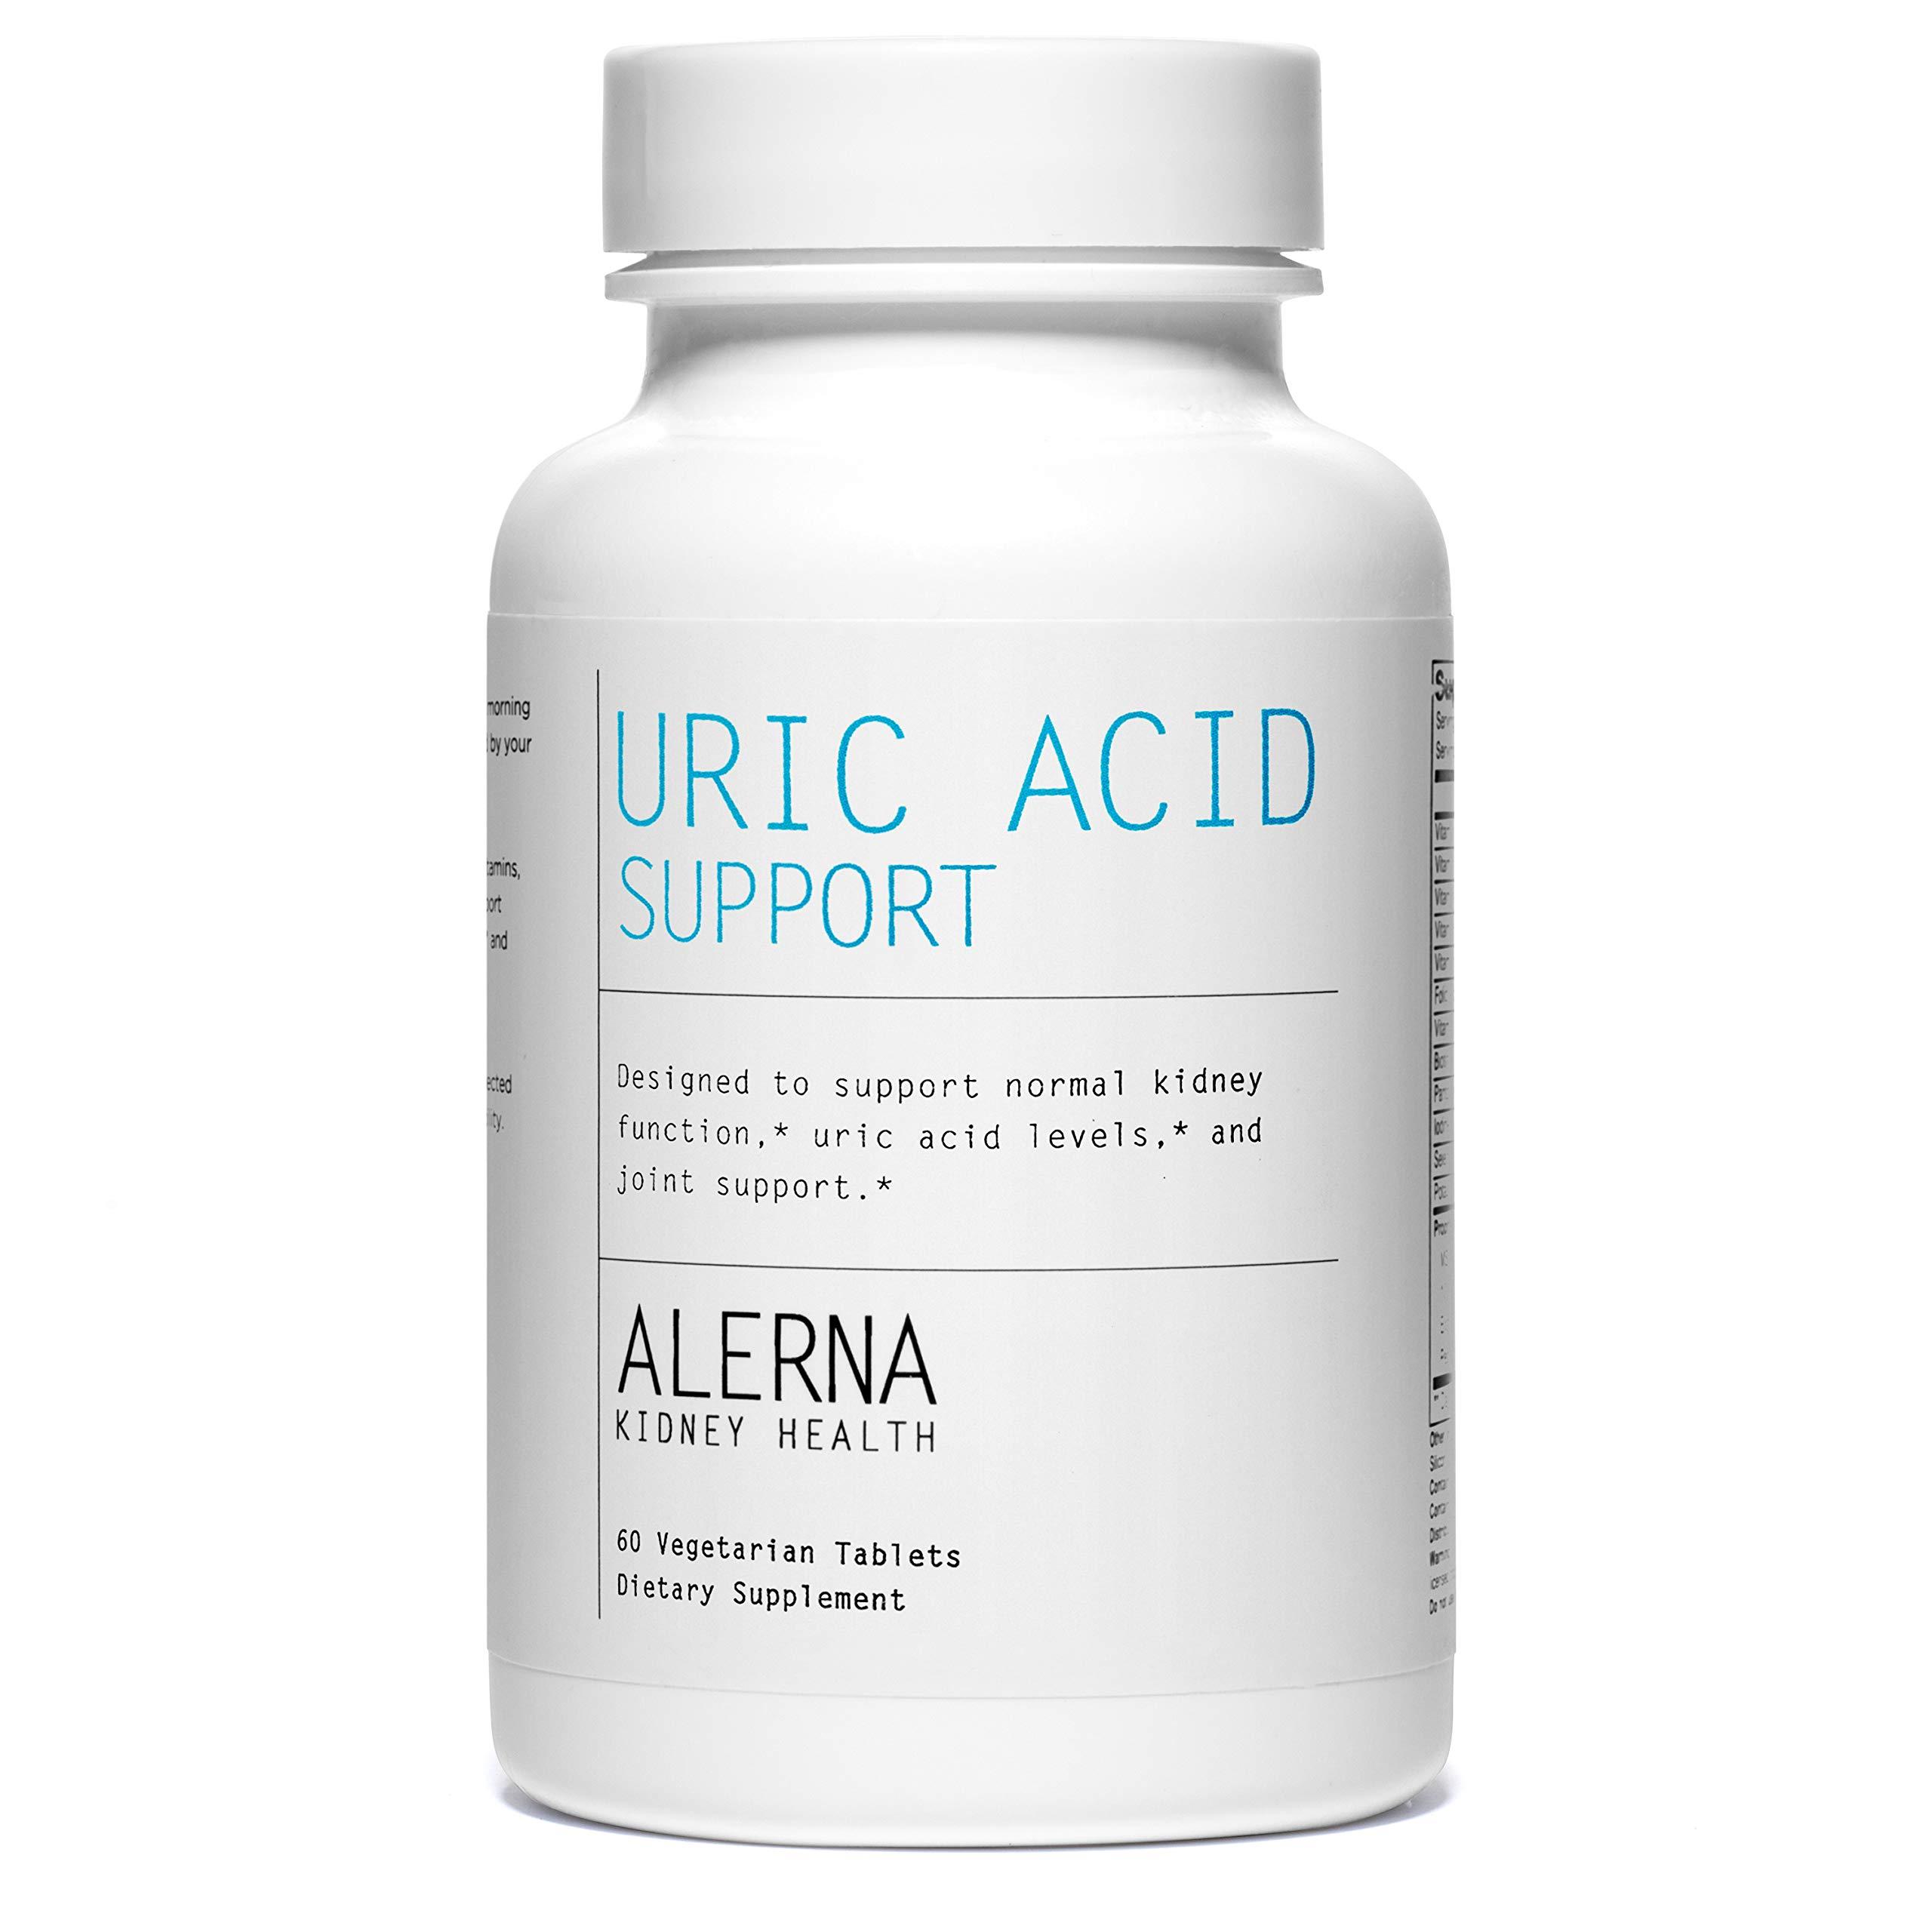 Alerna: Uric Acid Support (1 Bottle)